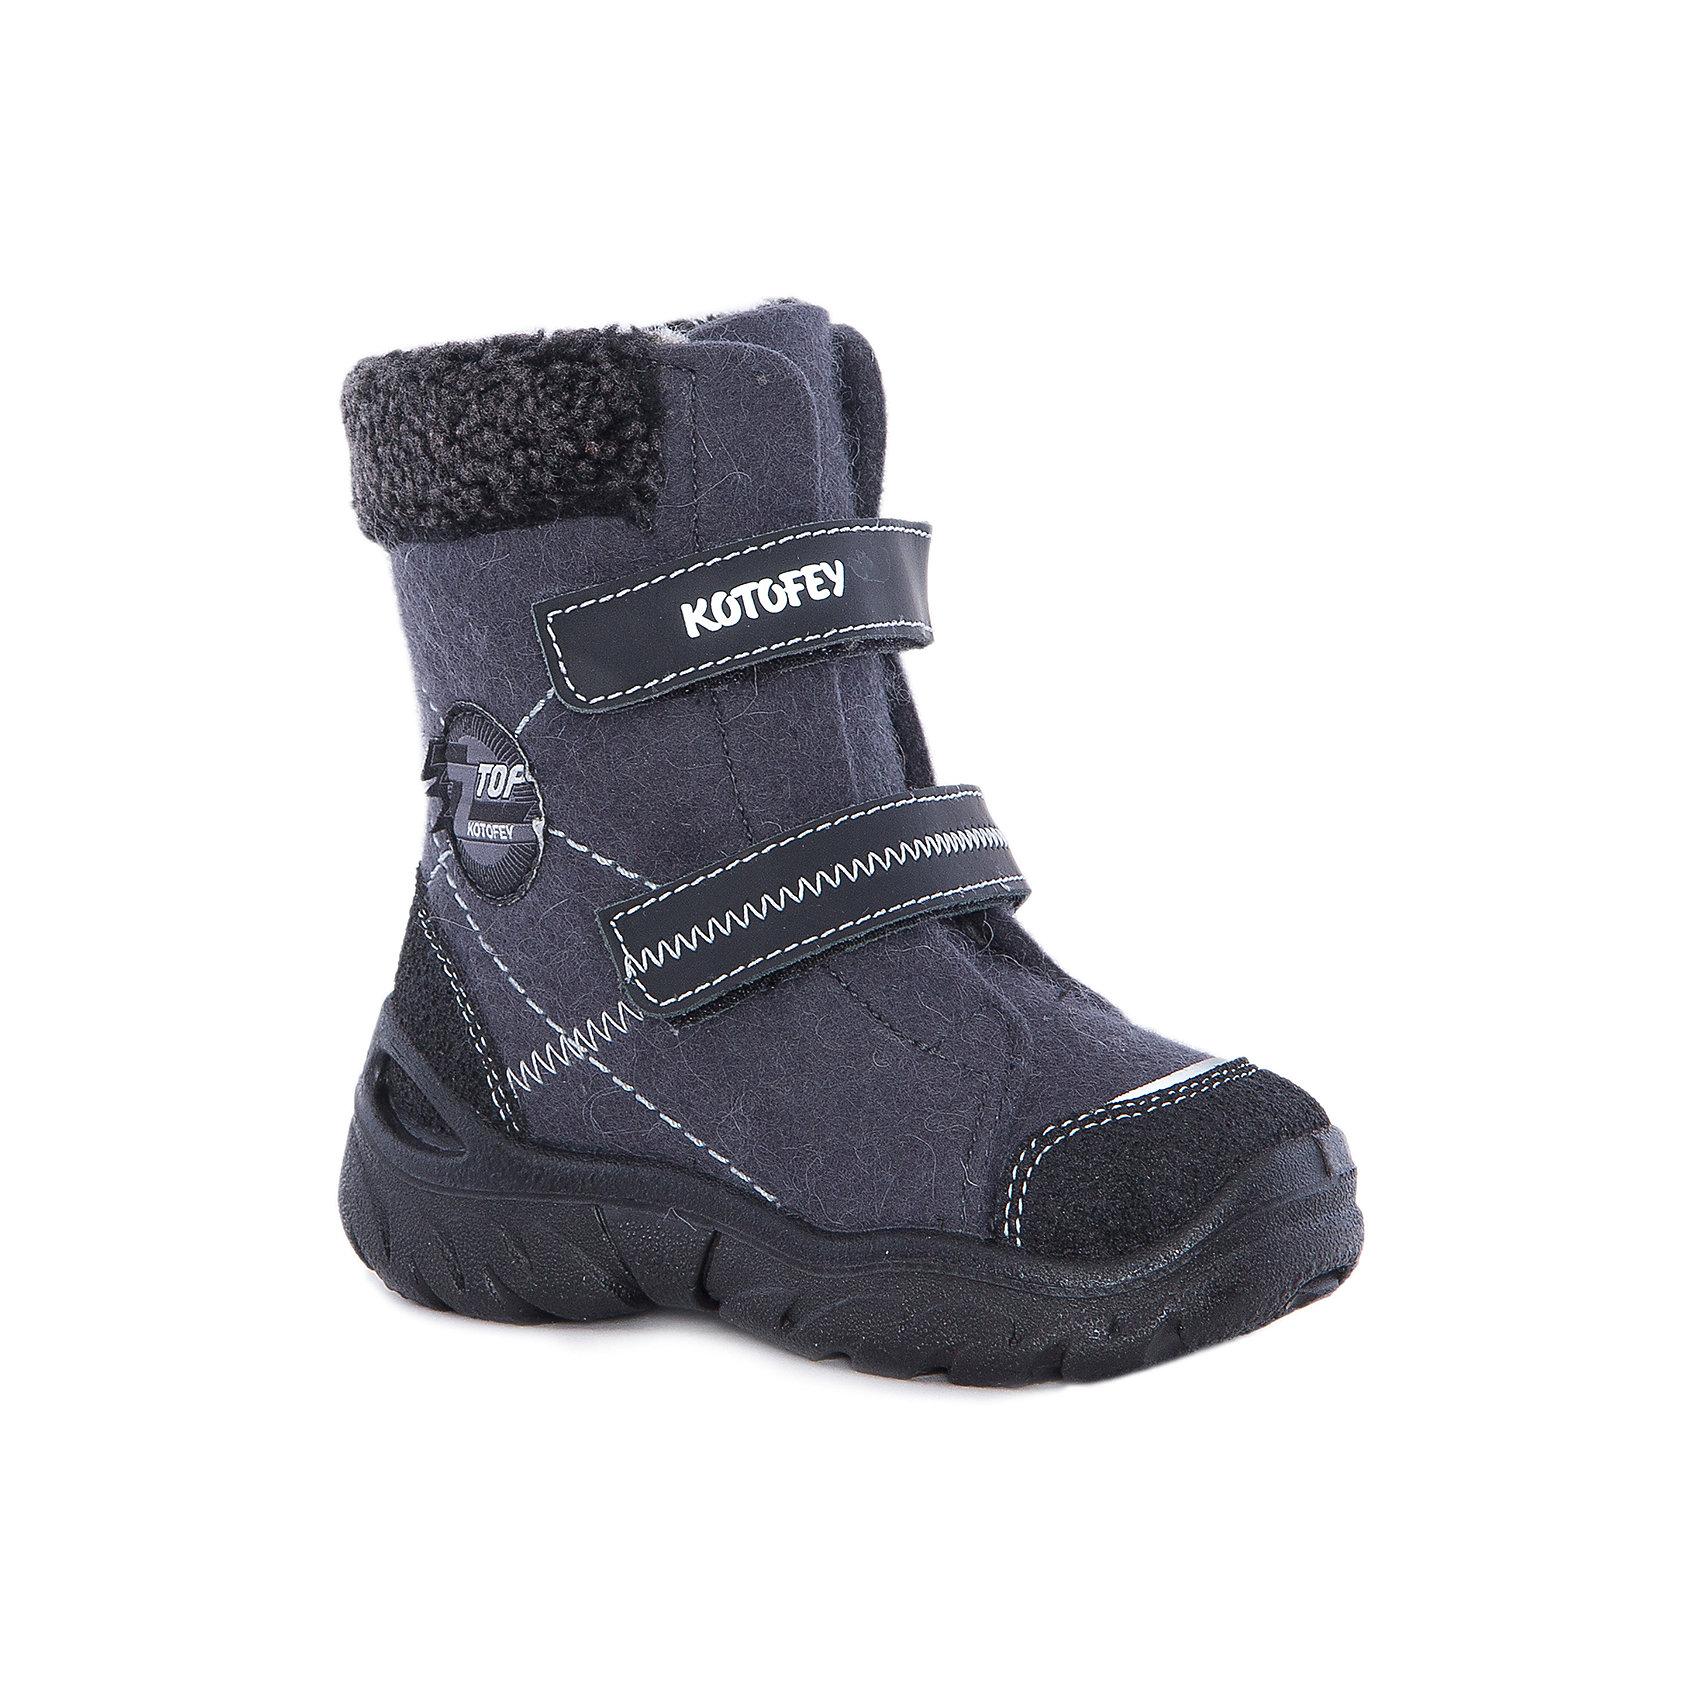 Ботинки  для мальчика КотофейВаленки<br>Ботинки  для мальчика Котофей.<br><br>Характеристики:<br><br>- Внешний материал: войлок<br>- Внутренний материал: мех шерстяной<br>- Стелька: войлок<br>- Подошва: полиуретан<br>- Тип застежки: липучки<br>- Вид крепления обуви: литьевой<br>- Температурный режим до -25С<br>- Цвет: серый, черный<br>- Сезон: зима<br>- Пол: для мальчиков<br><br>Ботинки для мальчика торговой марки Котофей сочетают в себе удобство и уют традиционных русских валенок с современным дизайном! Ботинки сделаны из войлока из натуральной шерсти мериноса, с подкладкой из шерстяного меха (100% натуральная овечья шерсть). Они обладают наивысшими теплозащитными свойствами. Обувь «дышит», обладает массажным воздействием, способствует улучшению циркуляции крови. Пяточная и носочная части защищены накладками со специальным покрытием, что придаёт модели износостойкость. Мягкий меховой манжет придает модели приталенность и предотвращает натирание. Подошва литьевого метода крепления легкая и гибкая, имеет анатомическую форму следа, повторяя изгибы свода стопы. Благодаря этому ножки будут чувствовать себя комфортно весь день! Удобная застежка – две липучки увеличивает раскрываемость модели, что делает ее универсальной для ножек любой полноты. Детская обувь «Котофей» качественна, красива, добротна, комфортна и долговечна. Она производится на Егорьевской обувной фабрике. Жесткий контроль производства и постоянное совершенствование технологий при многолетнем опыте позволяют считать компанию одним из лидеров среди отечественных производителей детской обуви.<br><br>Ботинки  для мальчика Котофей можно купить в нашем интернет-магазине.<br><br>Ширина мм: 262<br>Глубина мм: 176<br>Высота мм: 97<br>Вес г: 427<br>Цвет: разноцветный<br>Возраст от месяцев: 18<br>Возраст до месяцев: 21<br>Пол: Мужской<br>Возраст: Детский<br>Размер: 23,31,24,25,26,27,28,29,30<br>SKU: 5086685